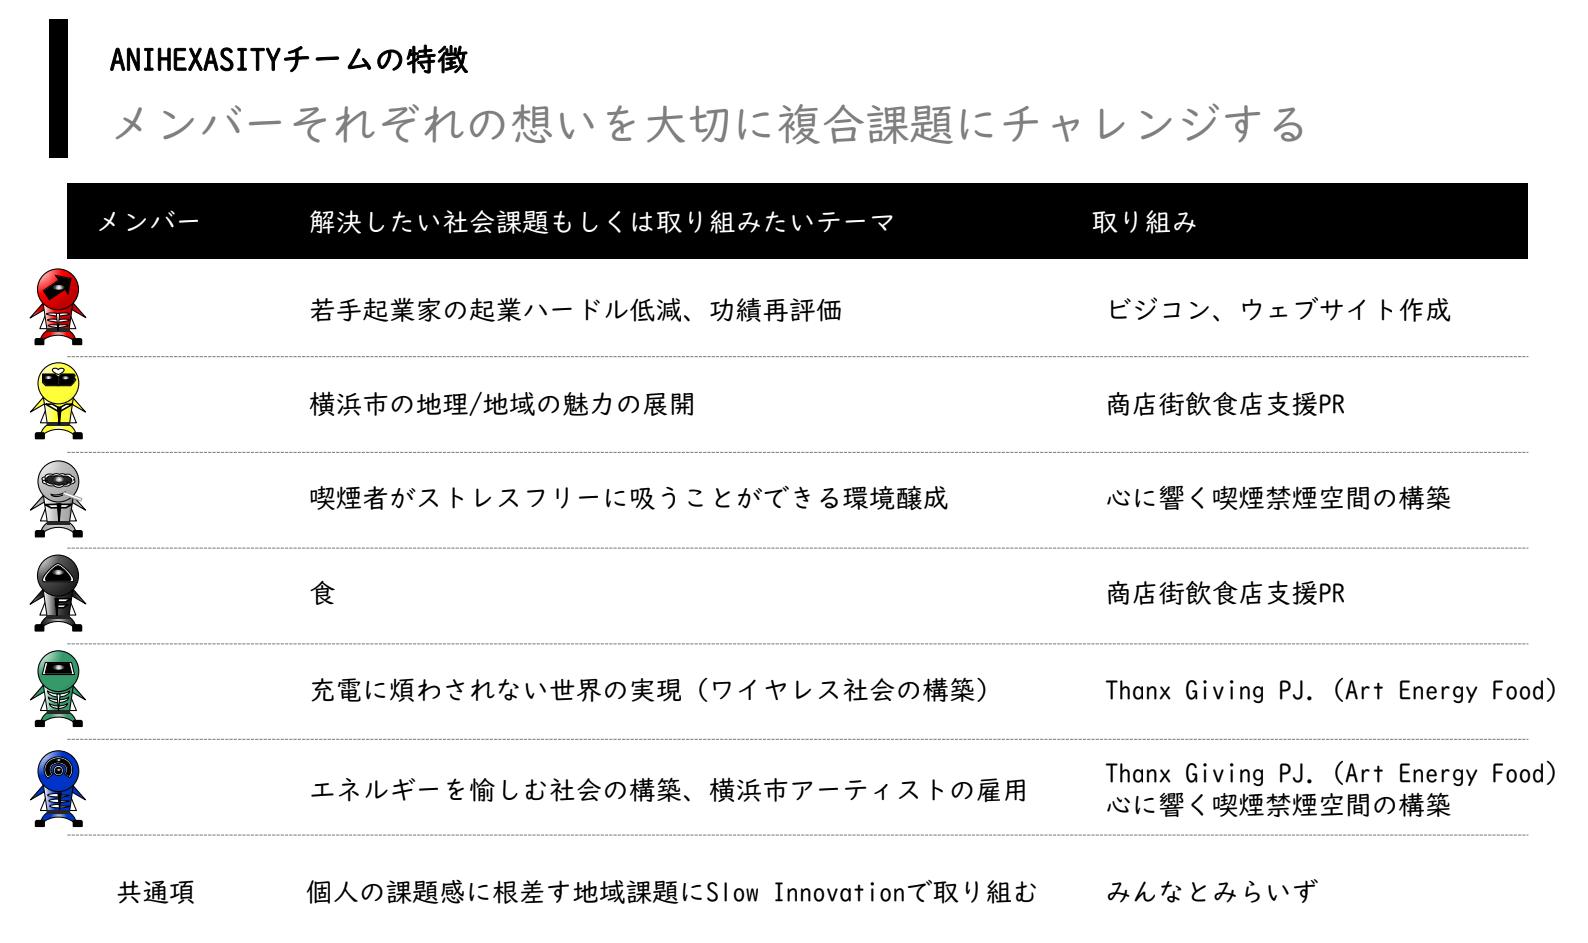 スクリーンショット 2021-03-26 14.47.57